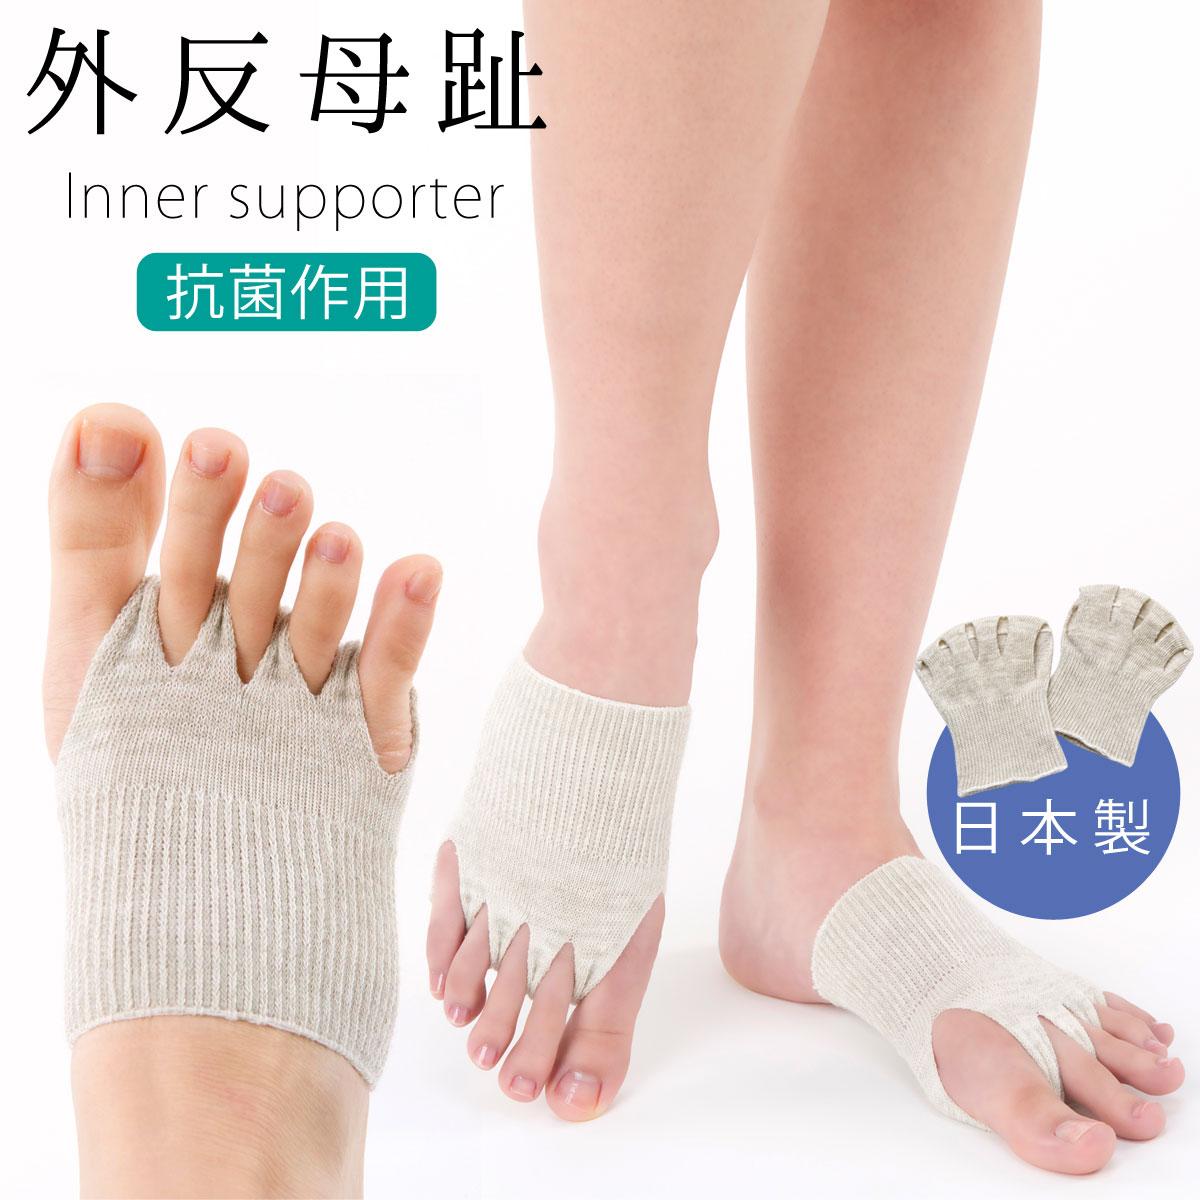 格安 希少 価格でご提供いたします 靴下の下に履ける薄さの5本指靴下 外反母趾 内反小指対策 5本指ソックス おしゃれ インナーサポーター 日本製 メール便対応